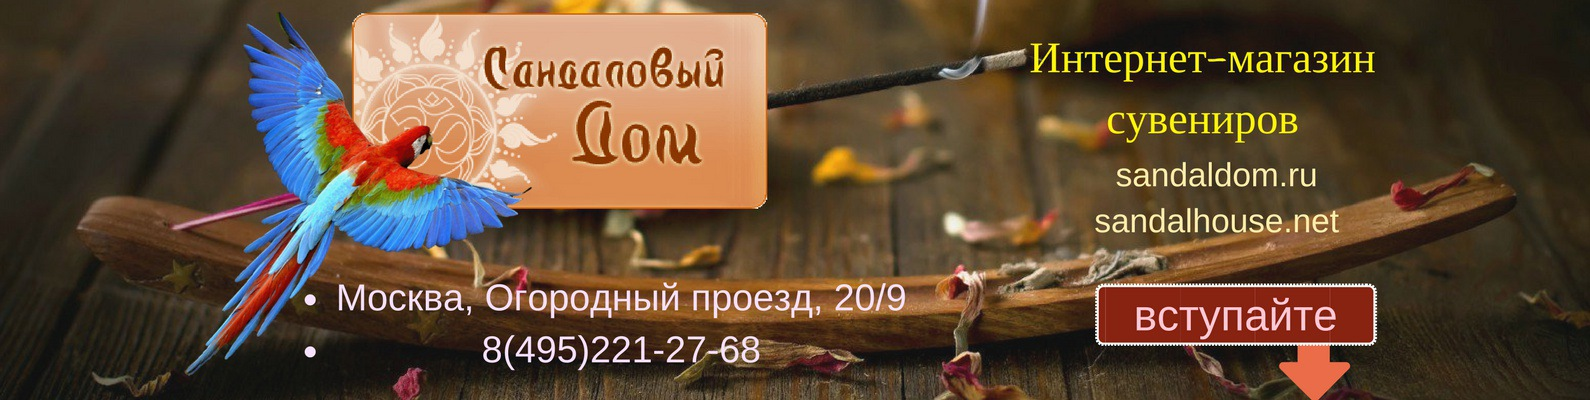 Купить больничные листы оптом в Москве Марфино